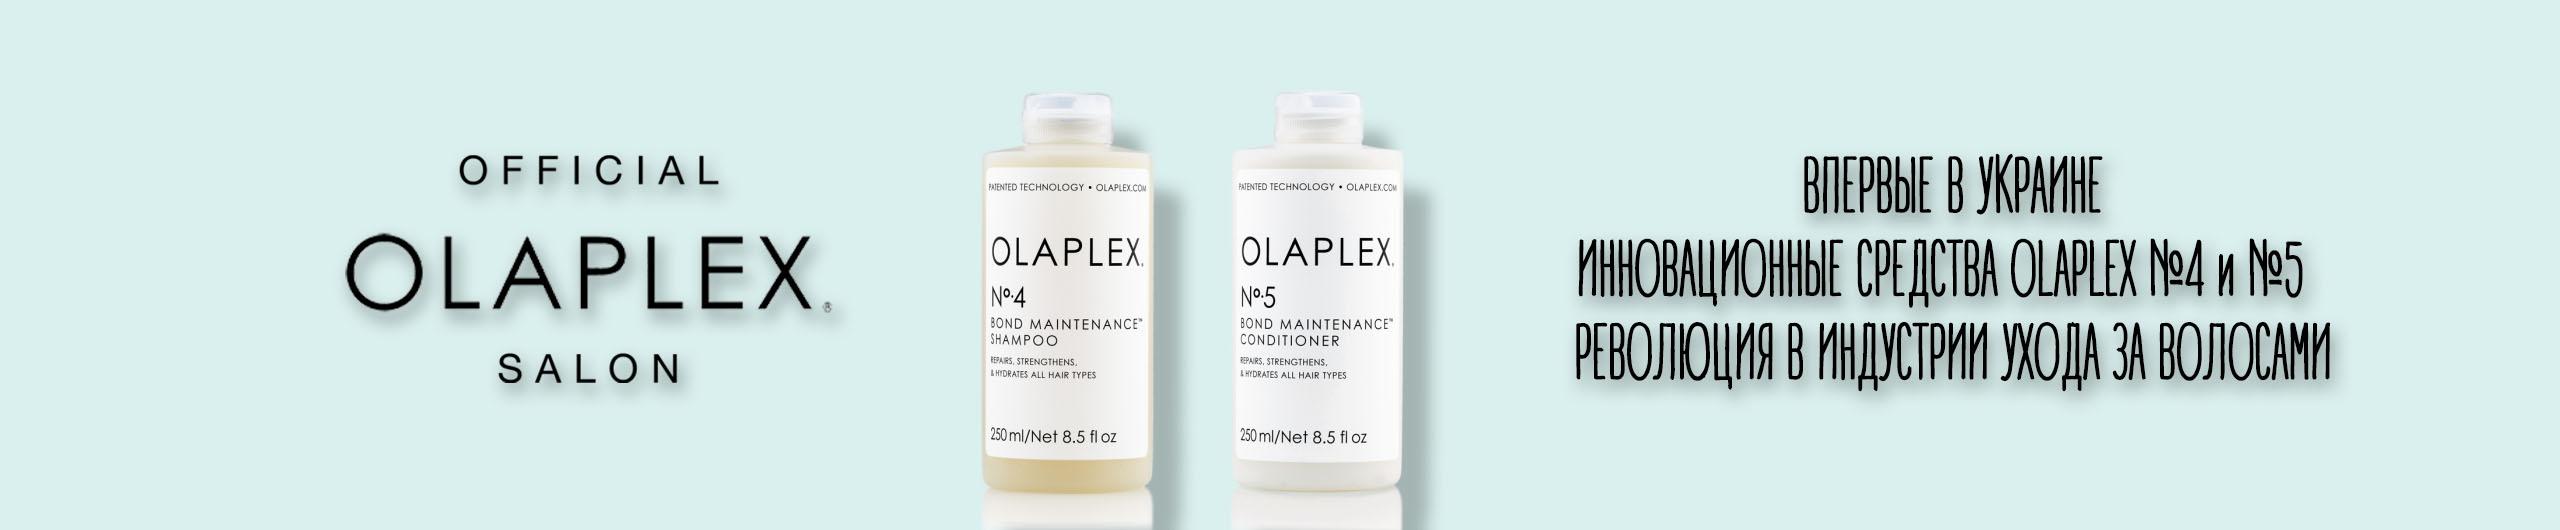 Olaplex-NEW